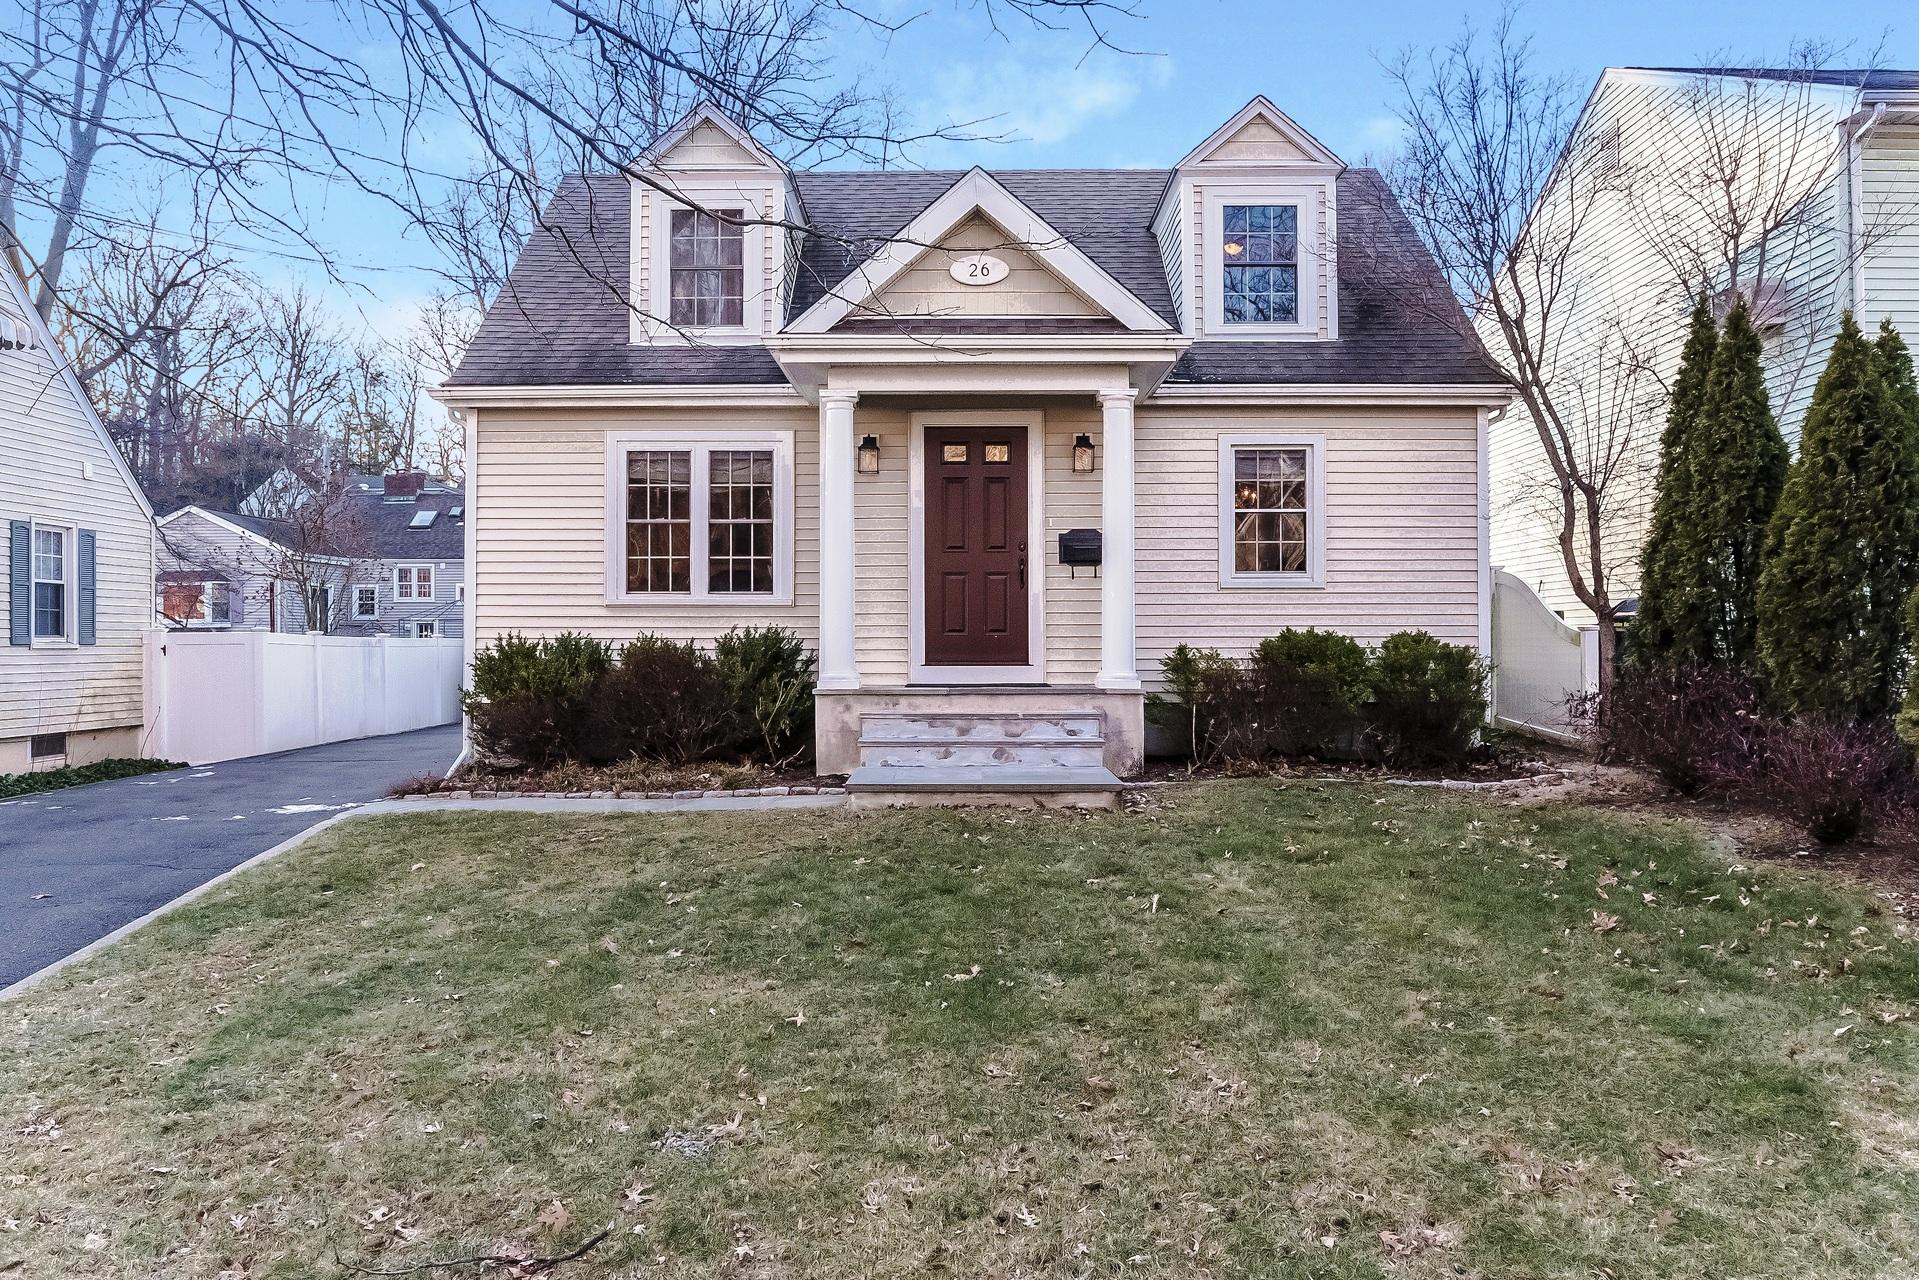 단독 가정 주택 용 매매 에 Sparkling Charmer 26 Frances Avenue Norwalk, 코네티컷 06854 미국